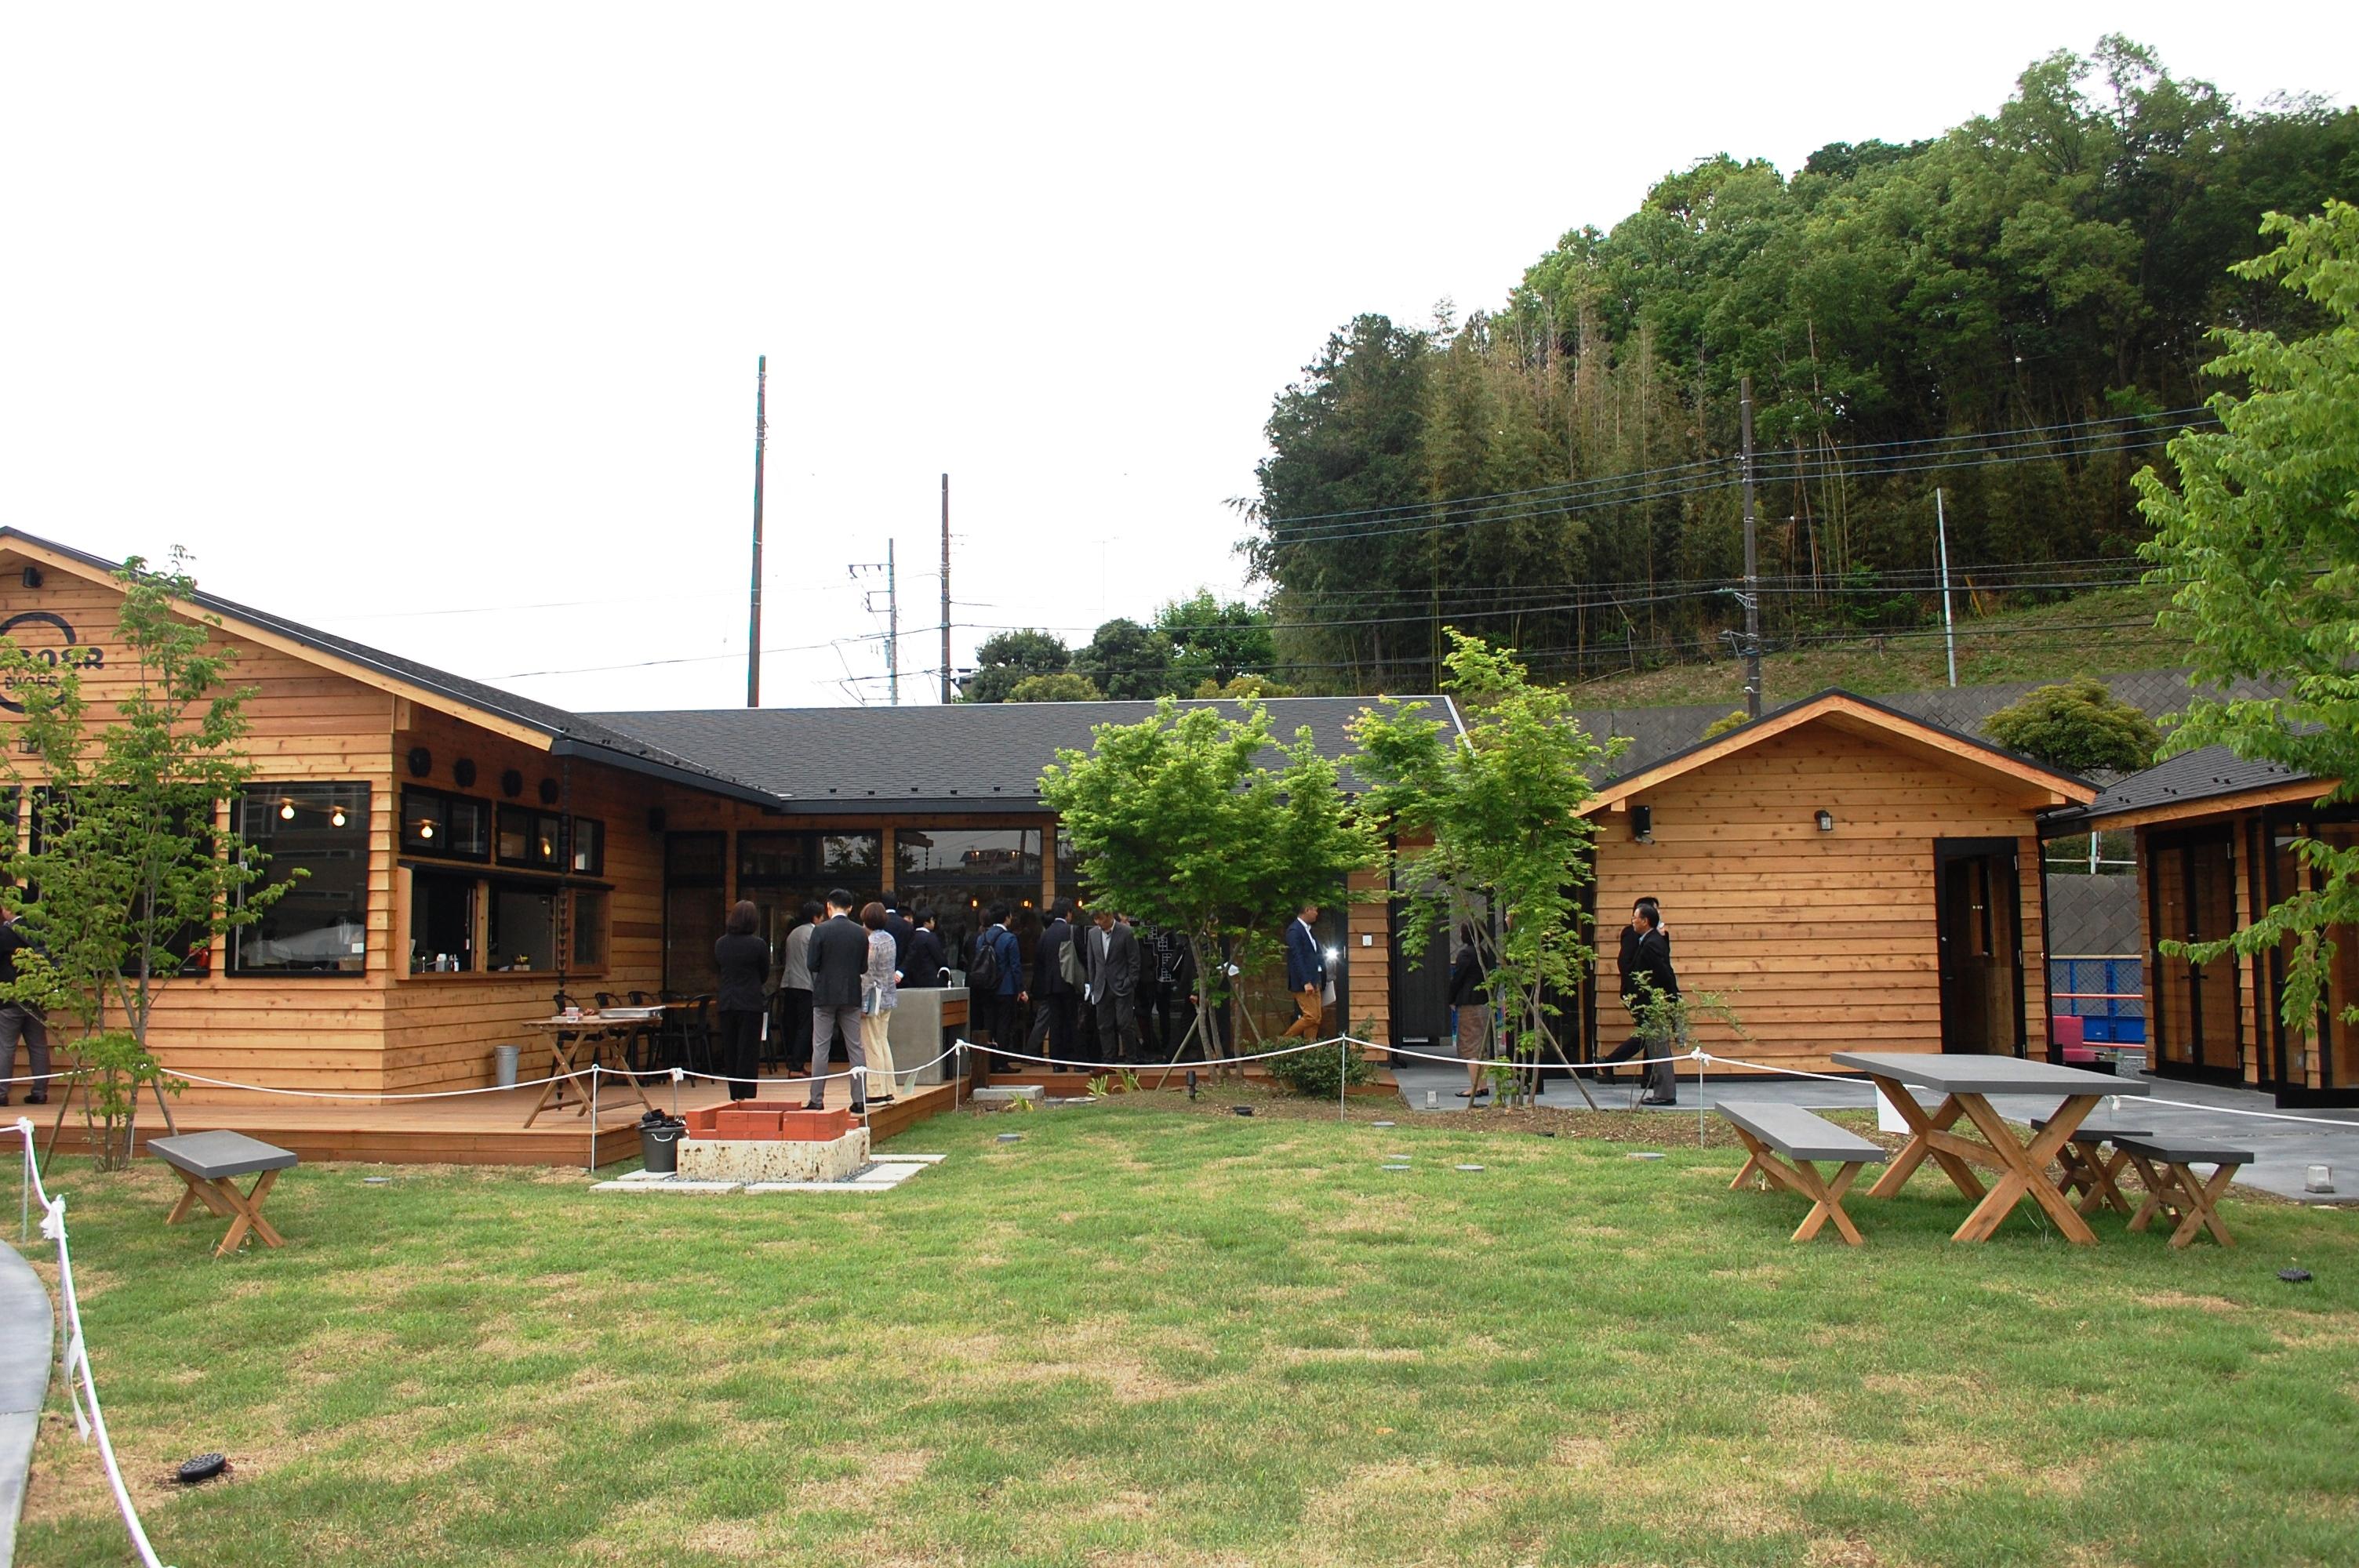 川崎に「ネスティングパーク黒川」誕生!焚火トーク、地場野菜販売ほかオープニングイベント開催